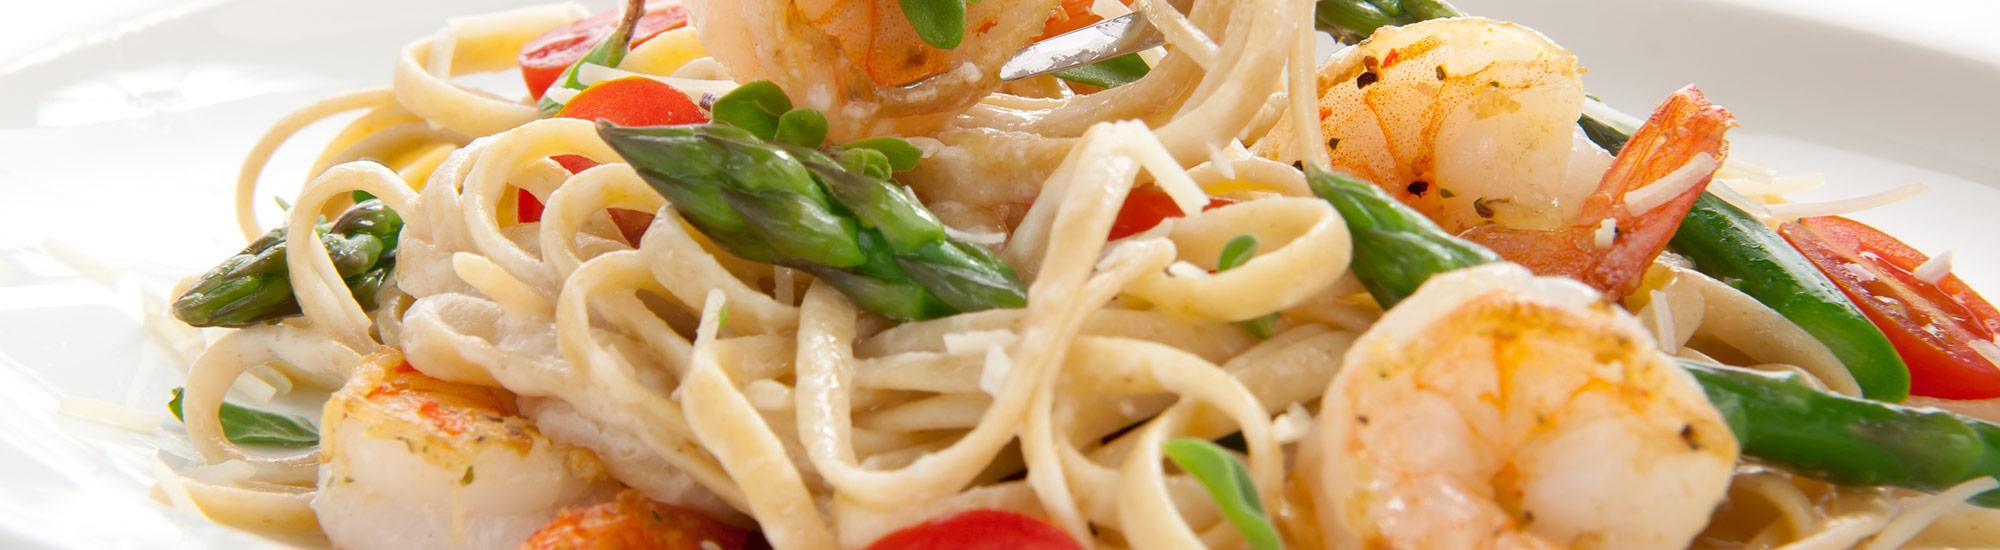 ricetta Tagliolini con gamberi, asparagi e pomodorini con pasta fresca